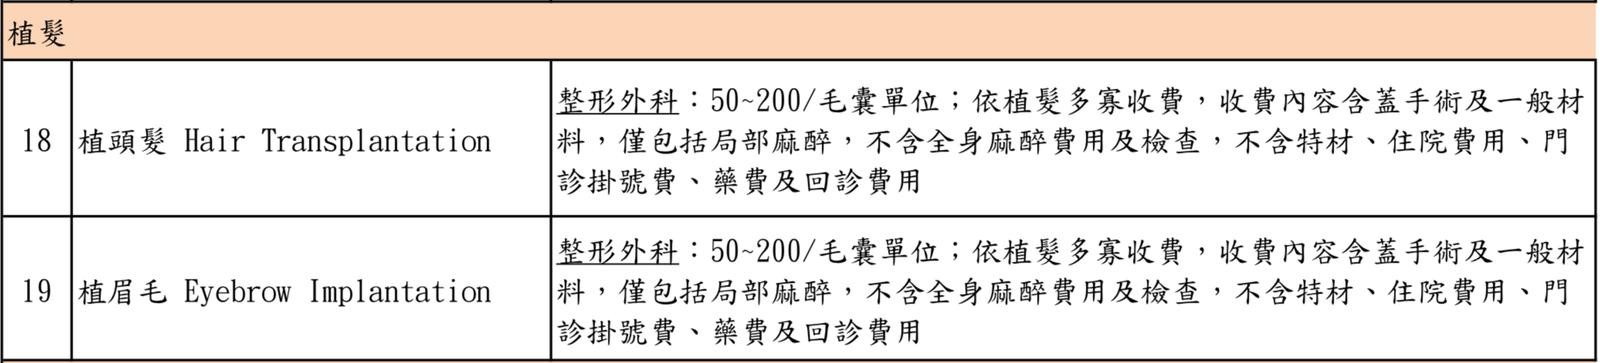 臺北市政府衛生局核定臺北榮民總醫院「美容醫學收費項目」